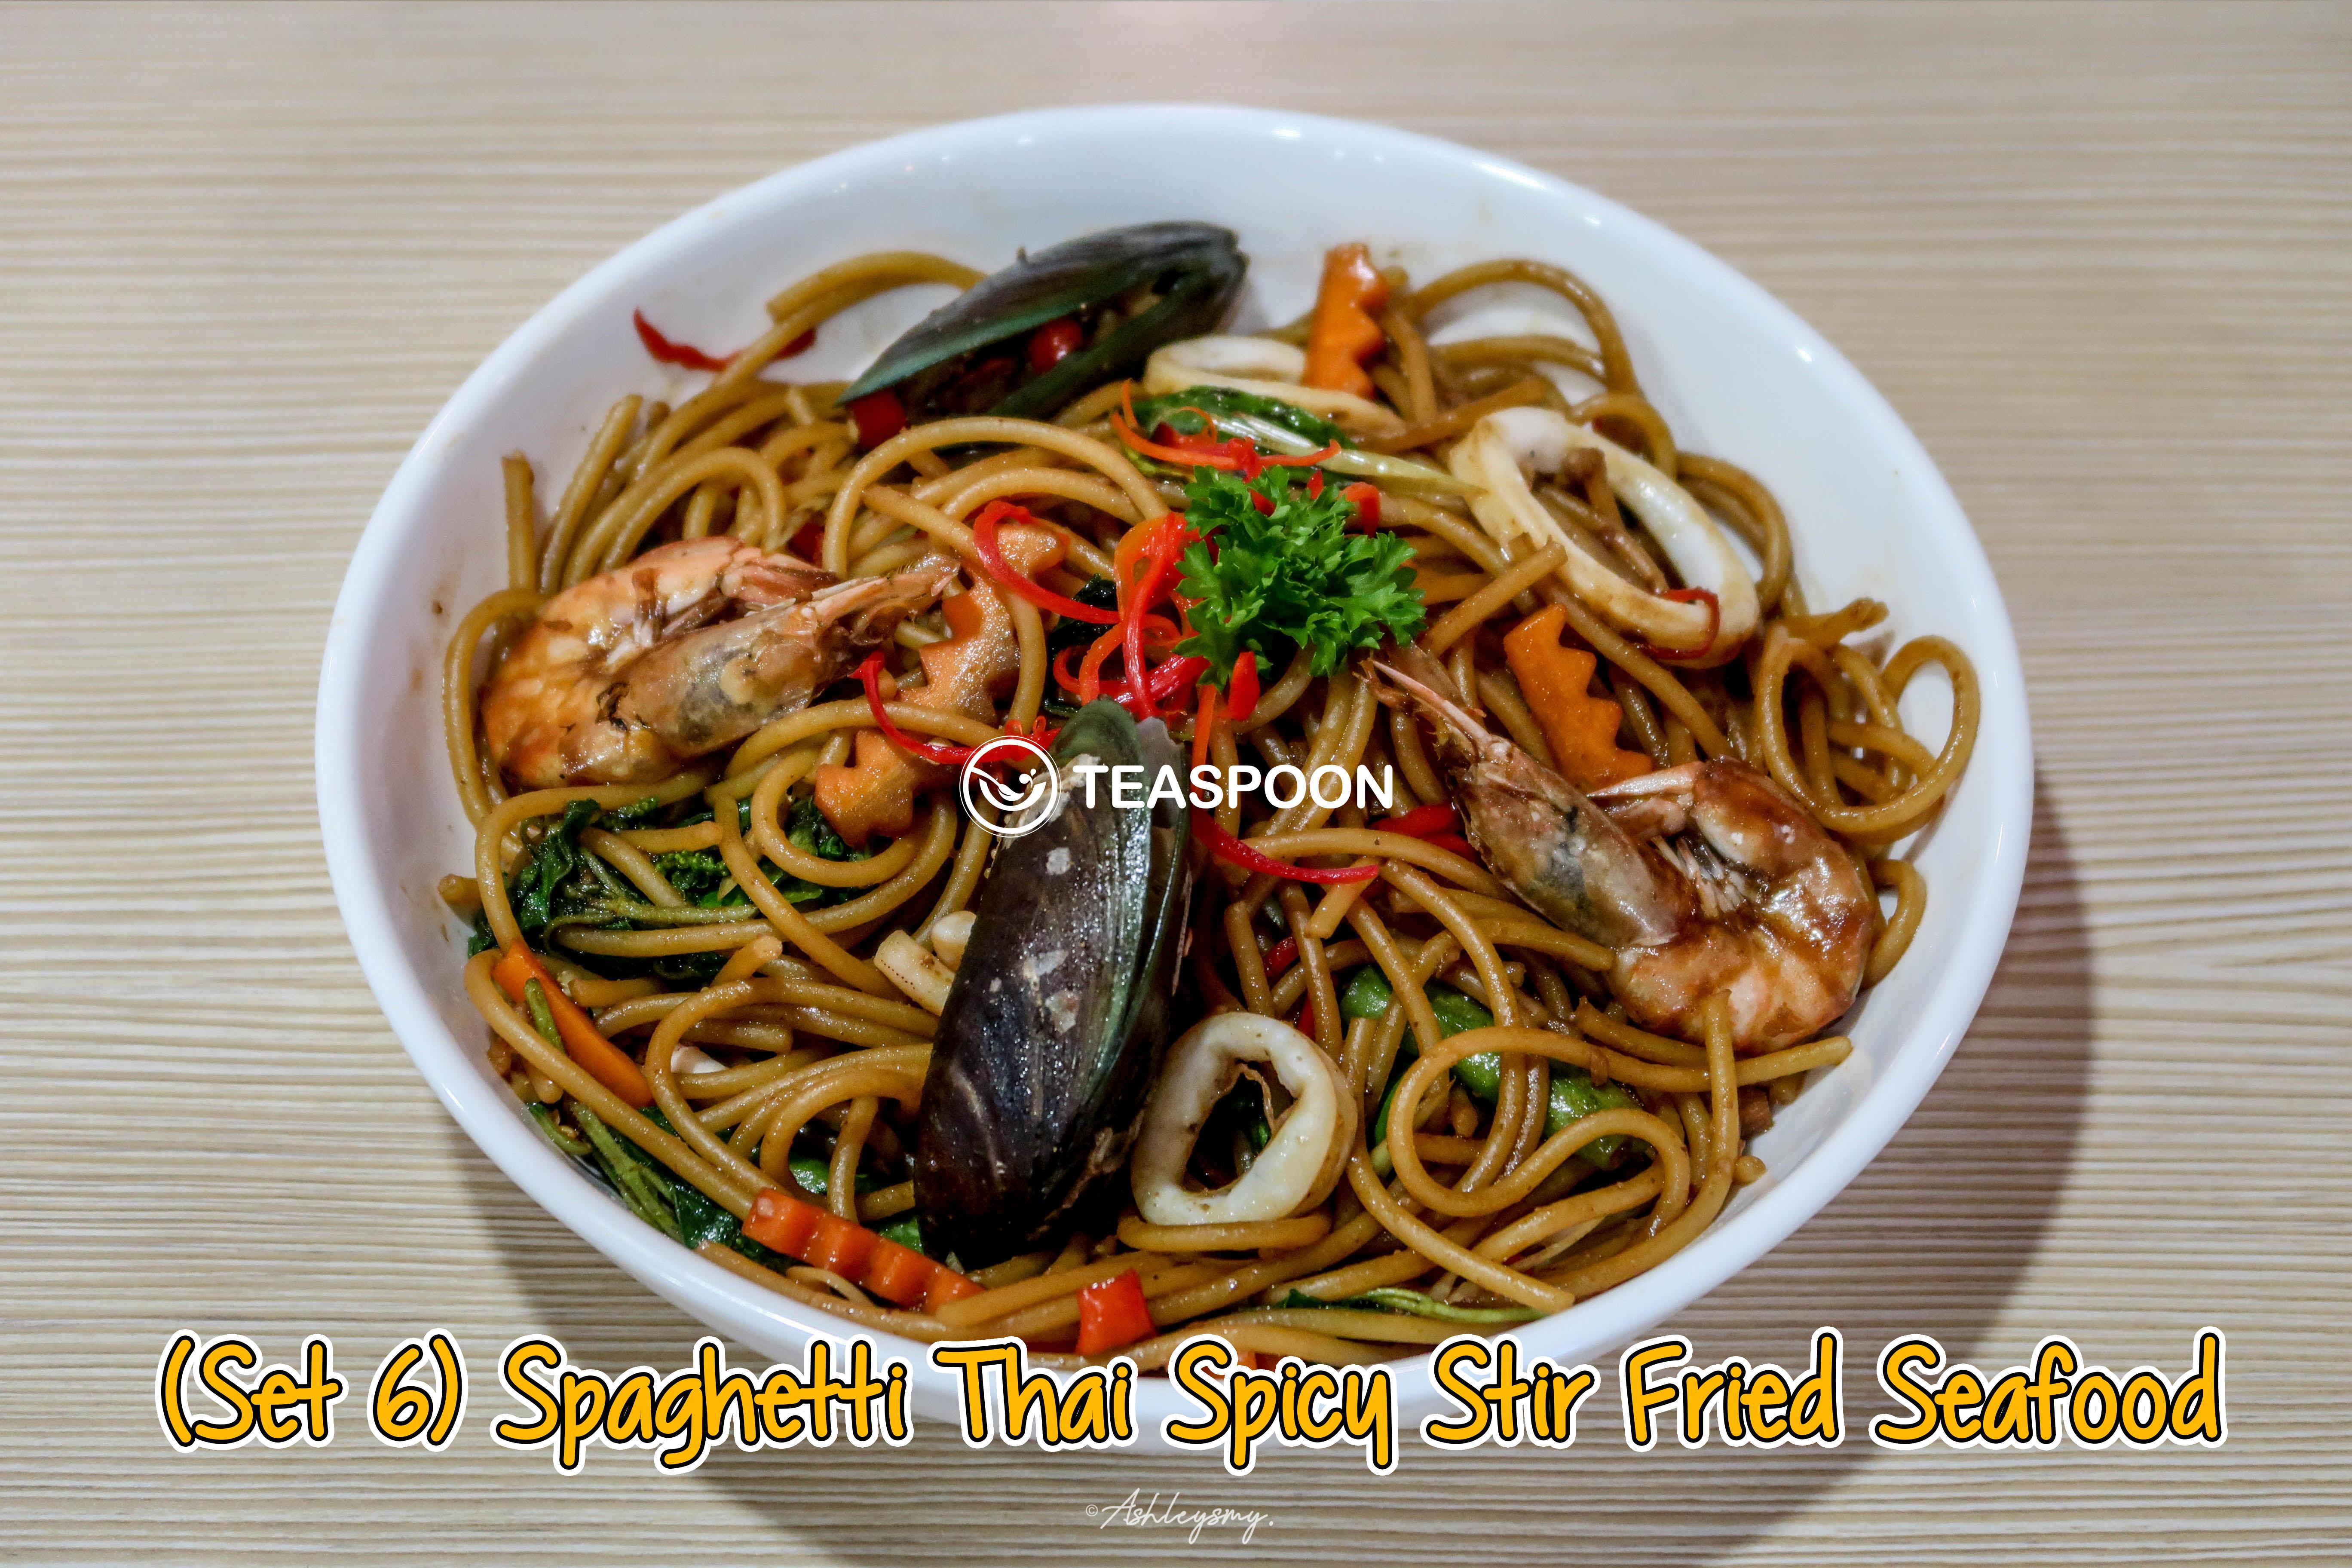 Spaghetti Thai Spicy Stir Fried Seafood (1) copy